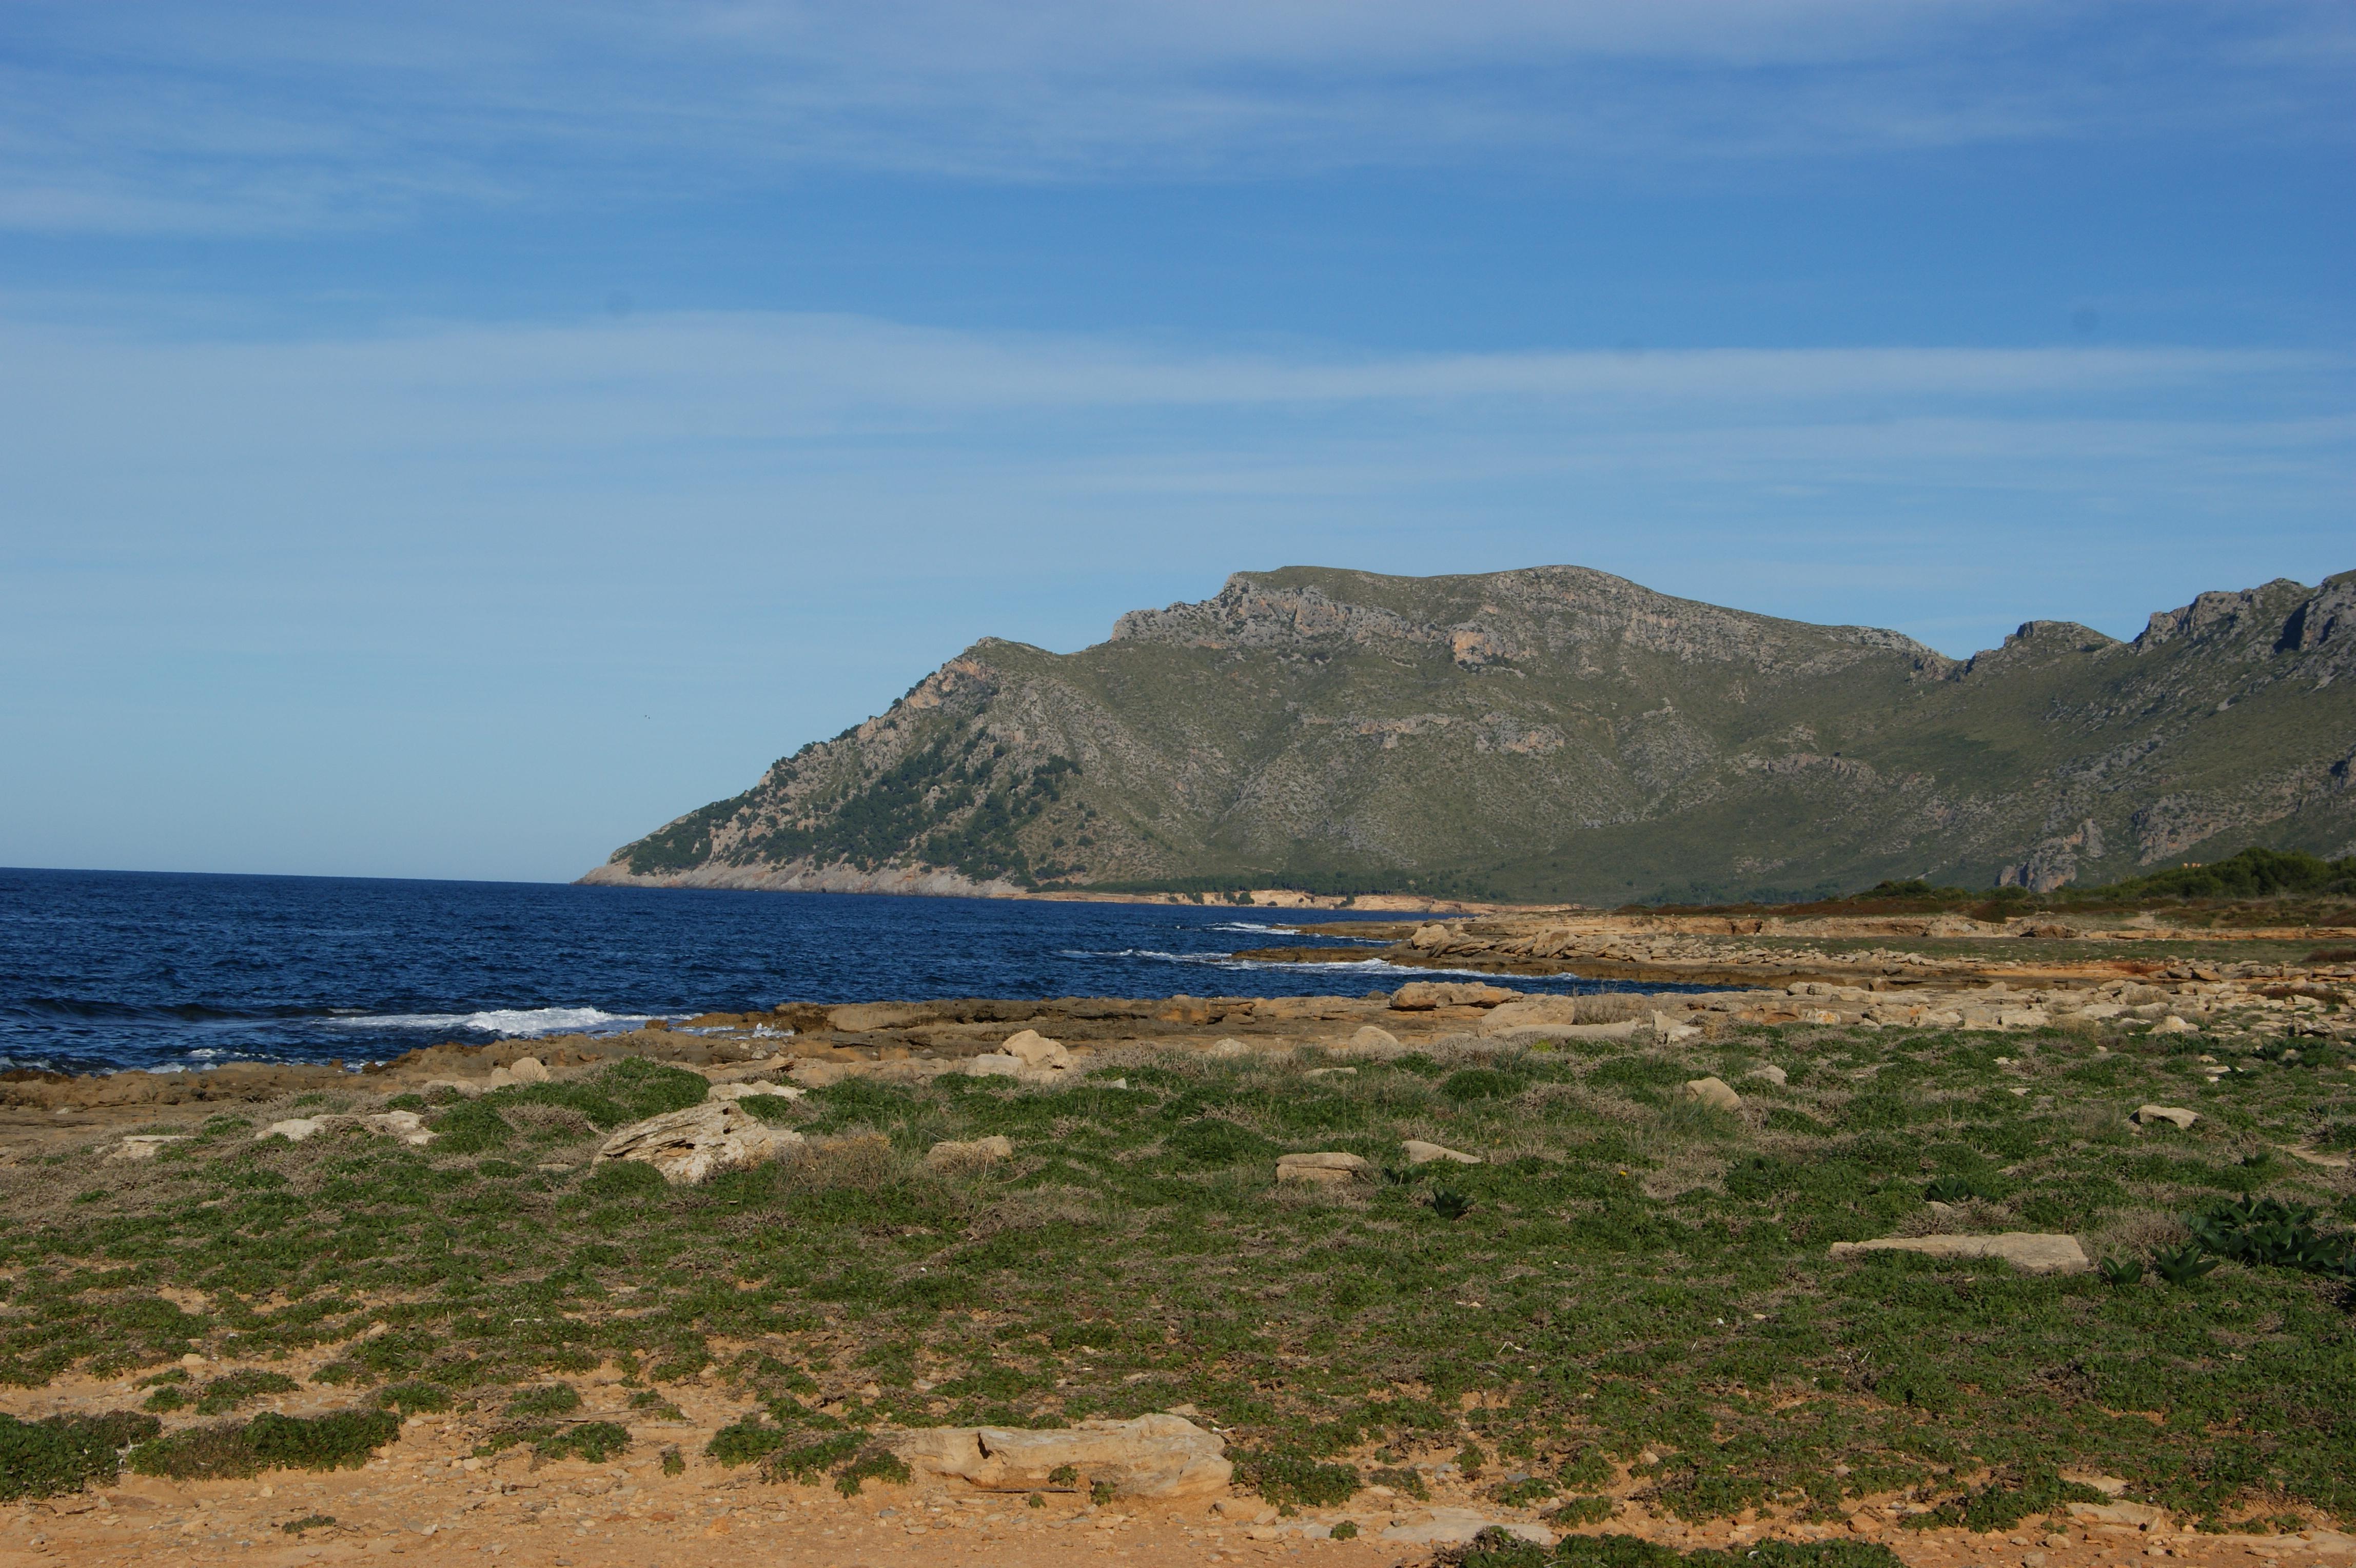 Naturschutzgebiet Es Canons / natural park Es Canons